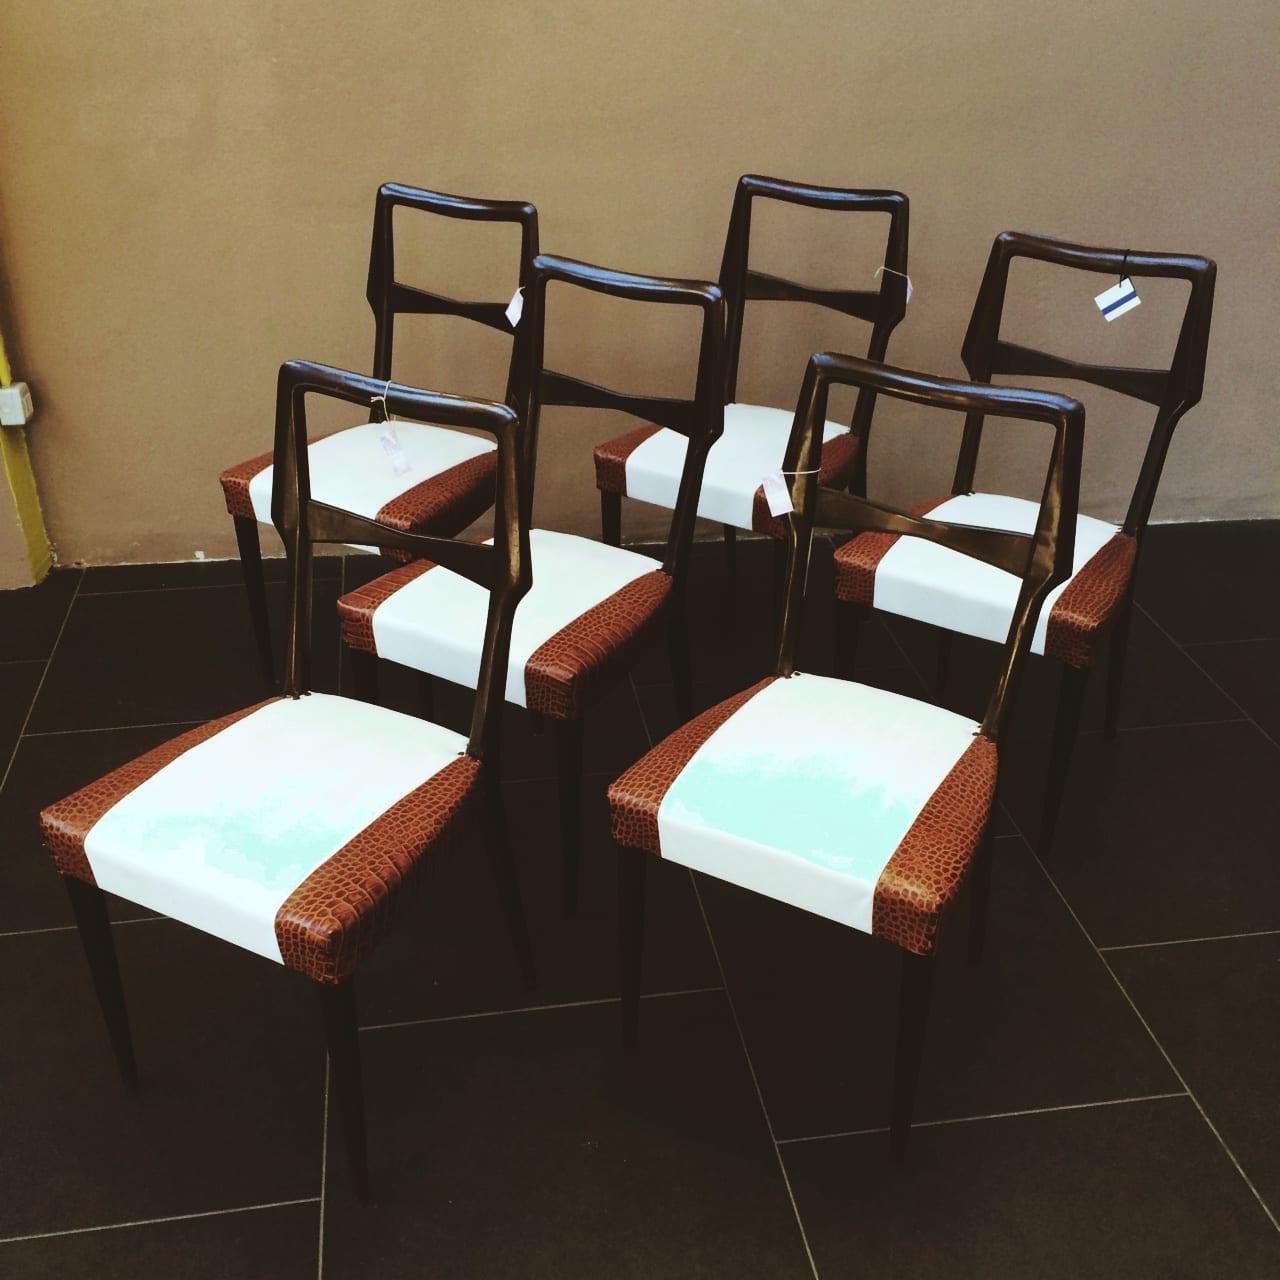 Sedie In Legno Anni 50.Sedie In Legno Massello E Pelle Bicolore Anni 50 The House Of